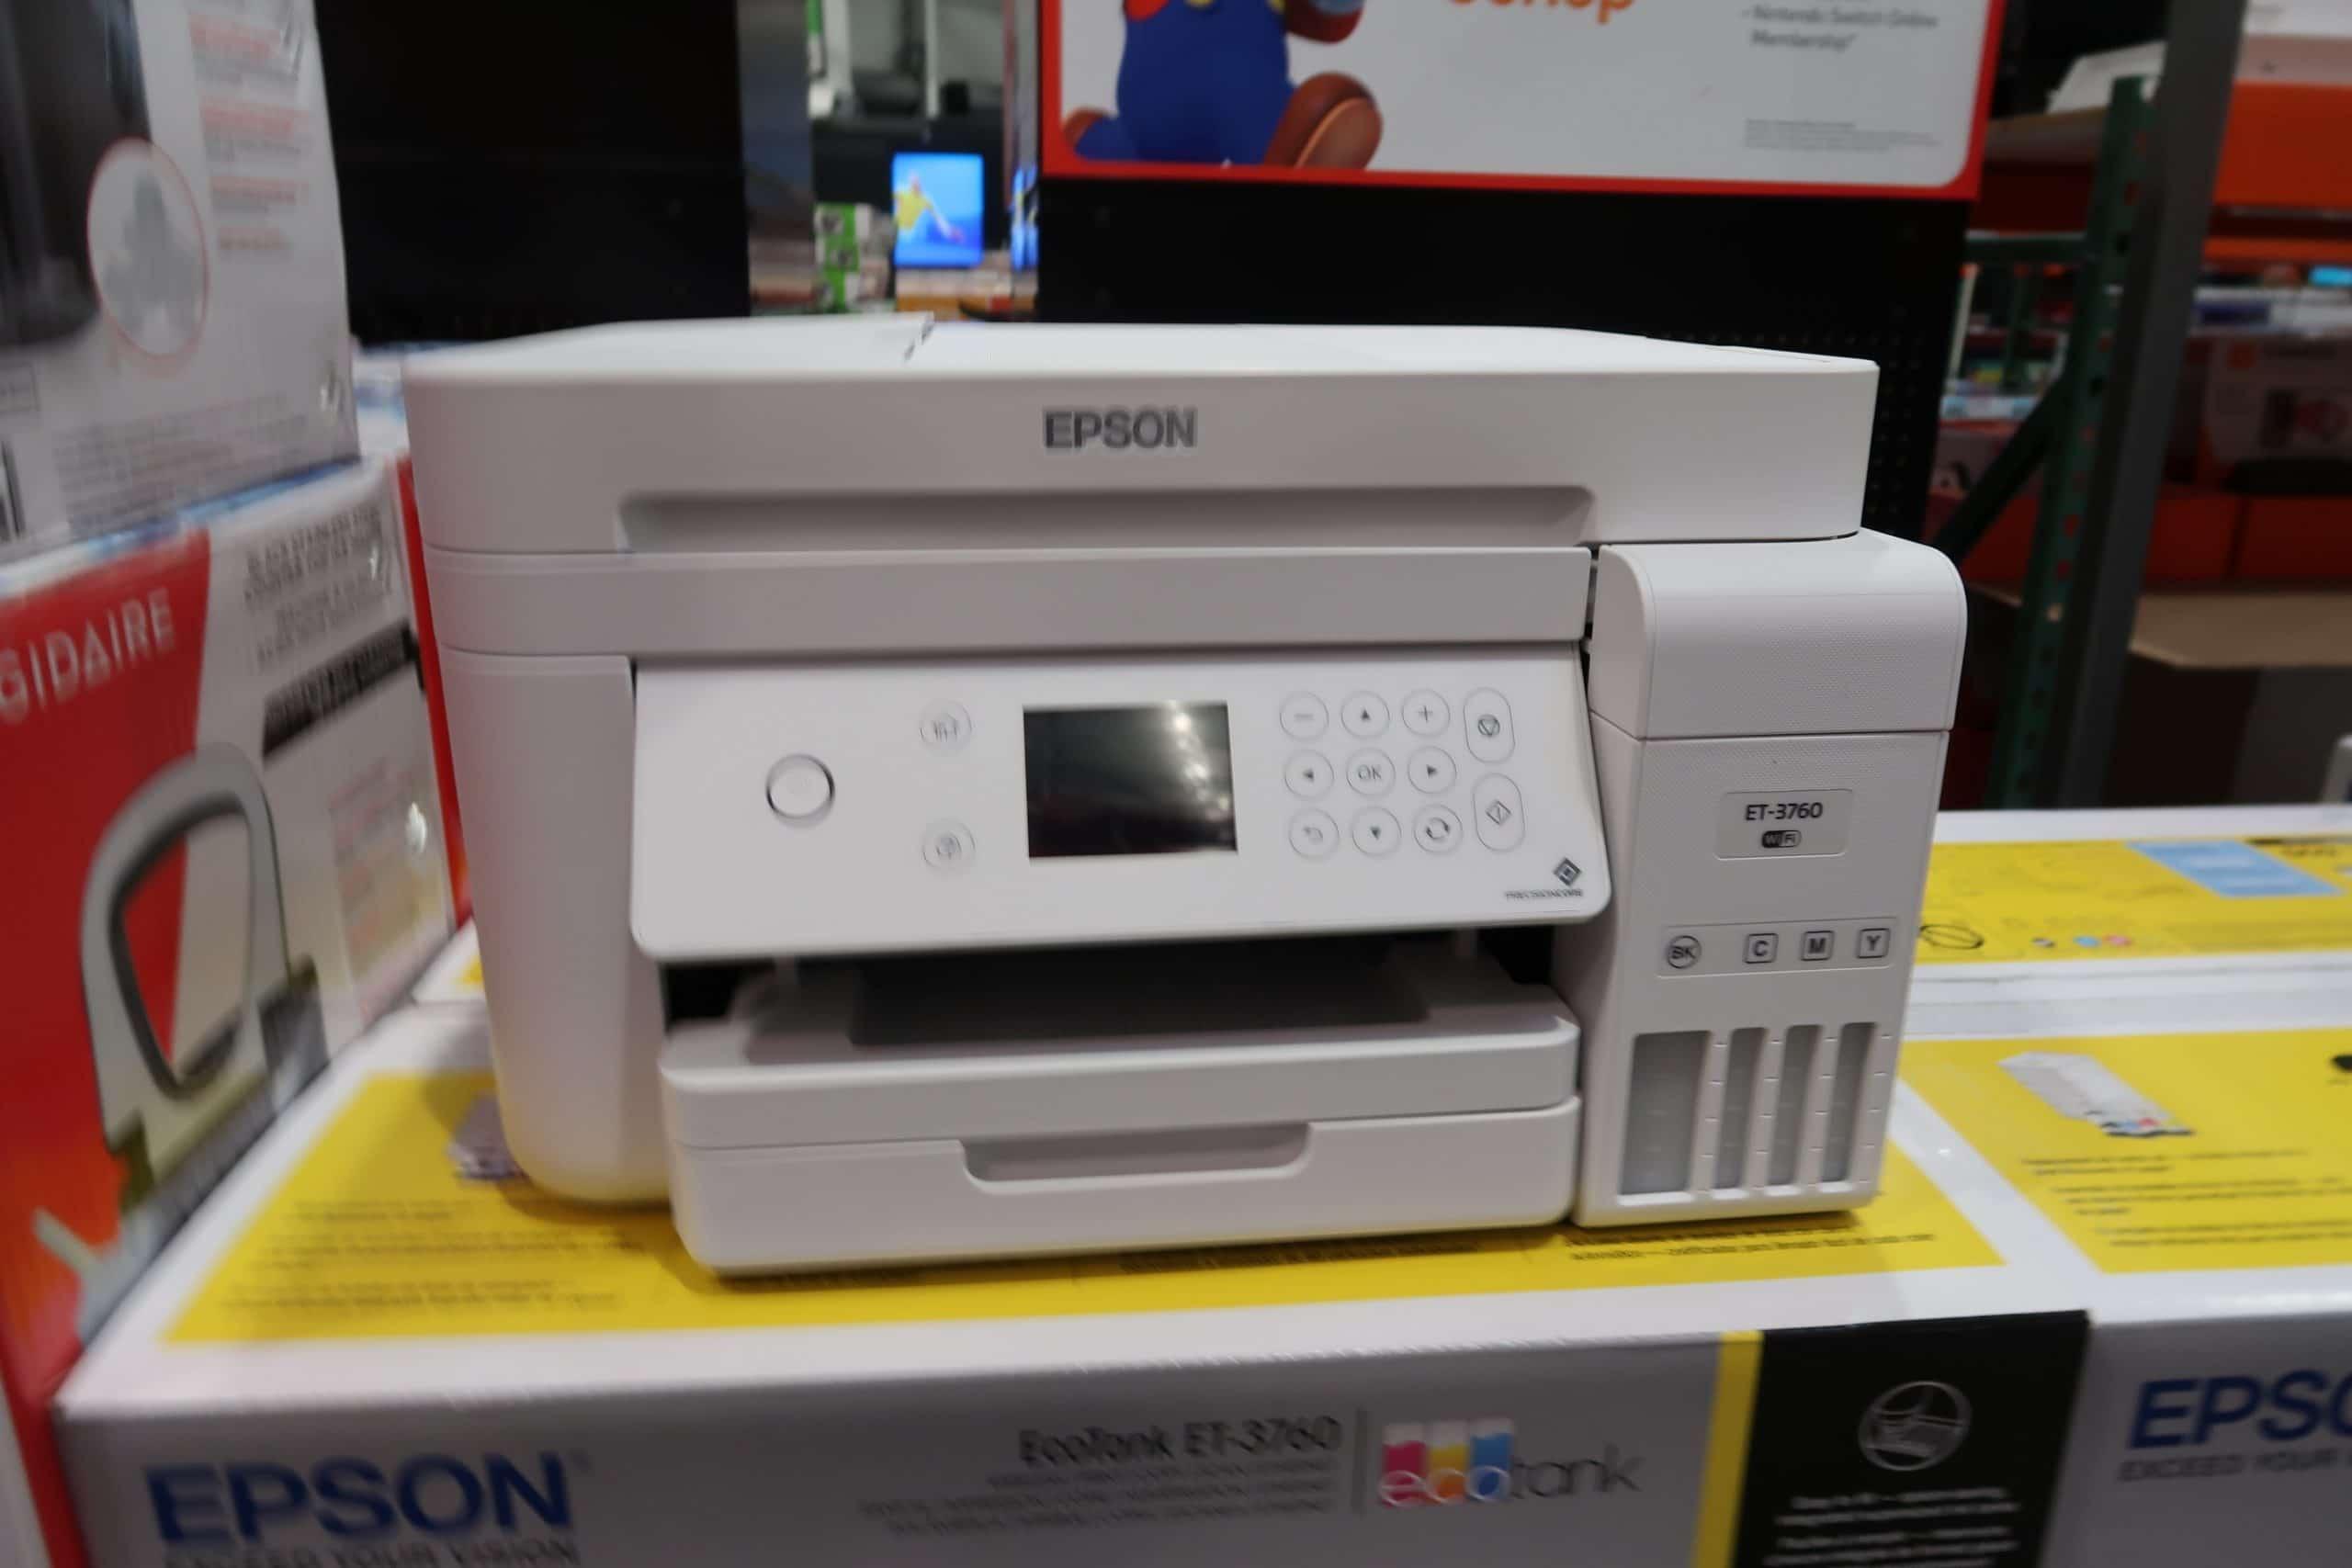 Epson ET-3760 Ecotank Printer $349.99